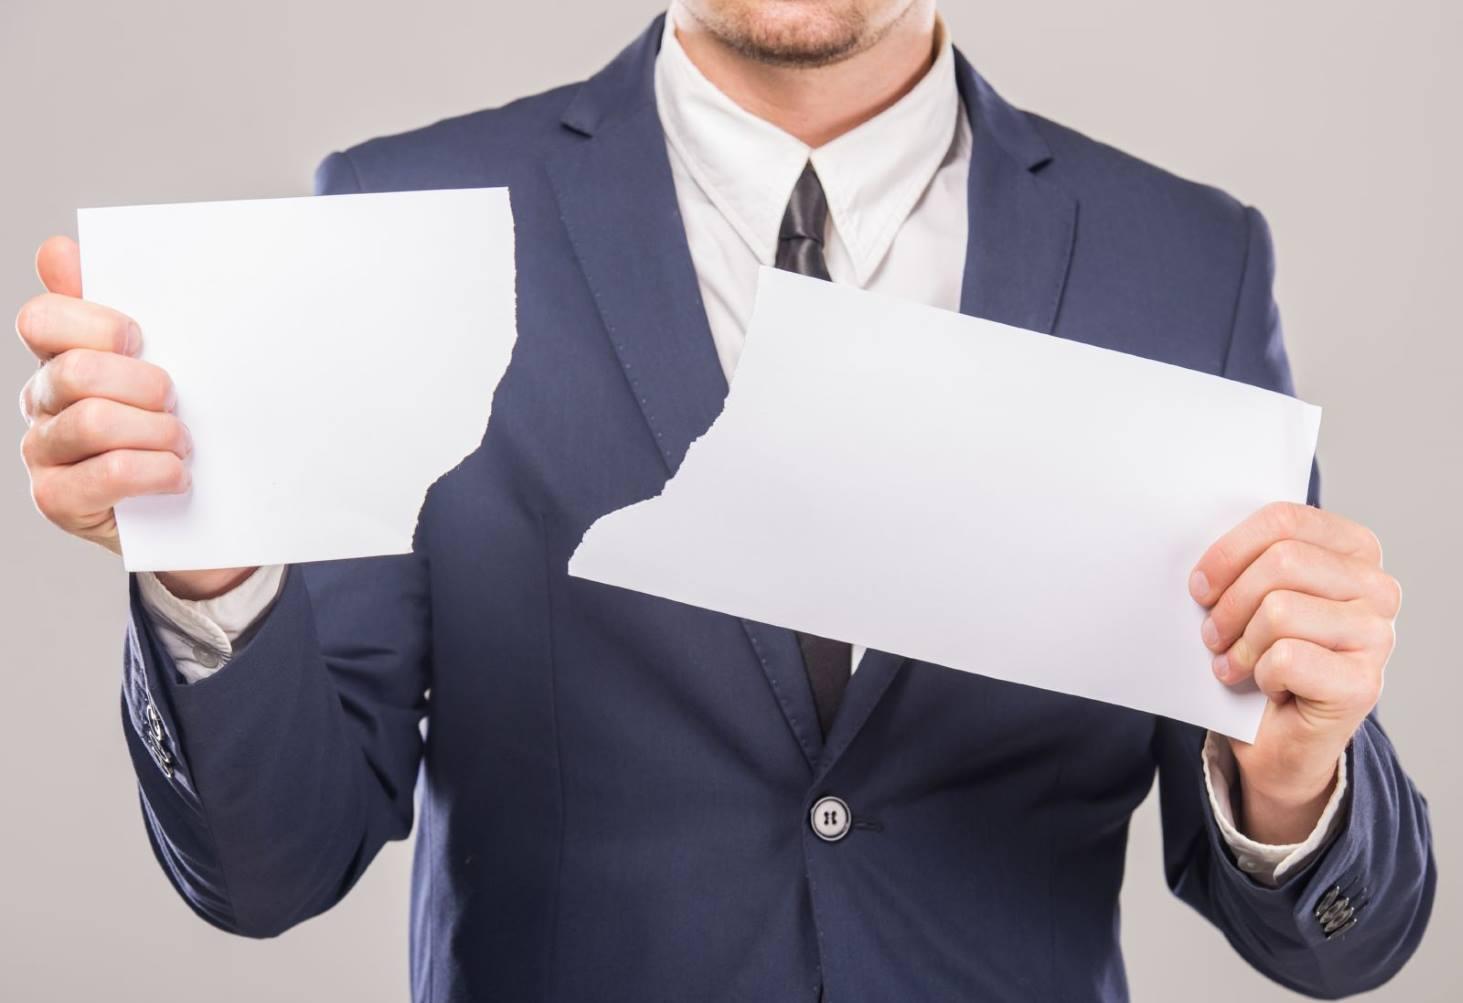 rosobrnadzor-rekomendoval-uvolnyat-direktorov-shkol-za-neobektivnye-rezultaty-vpr